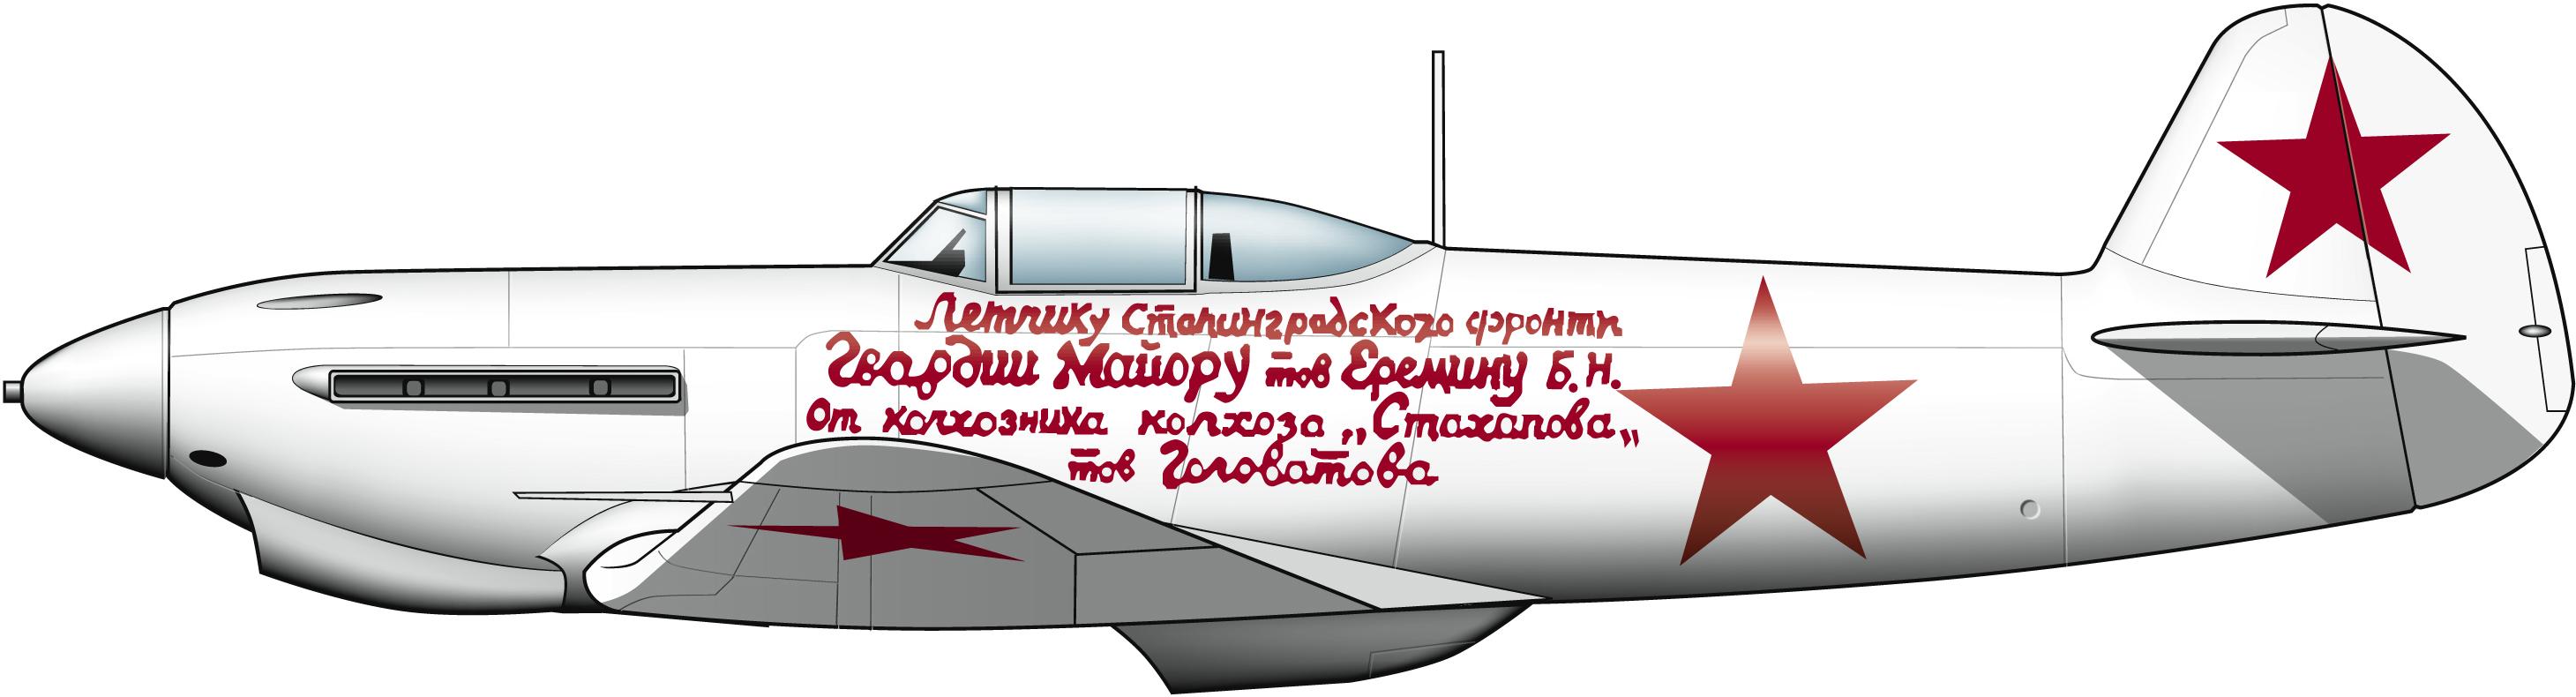 yakovlevyak1-1943stalingrad